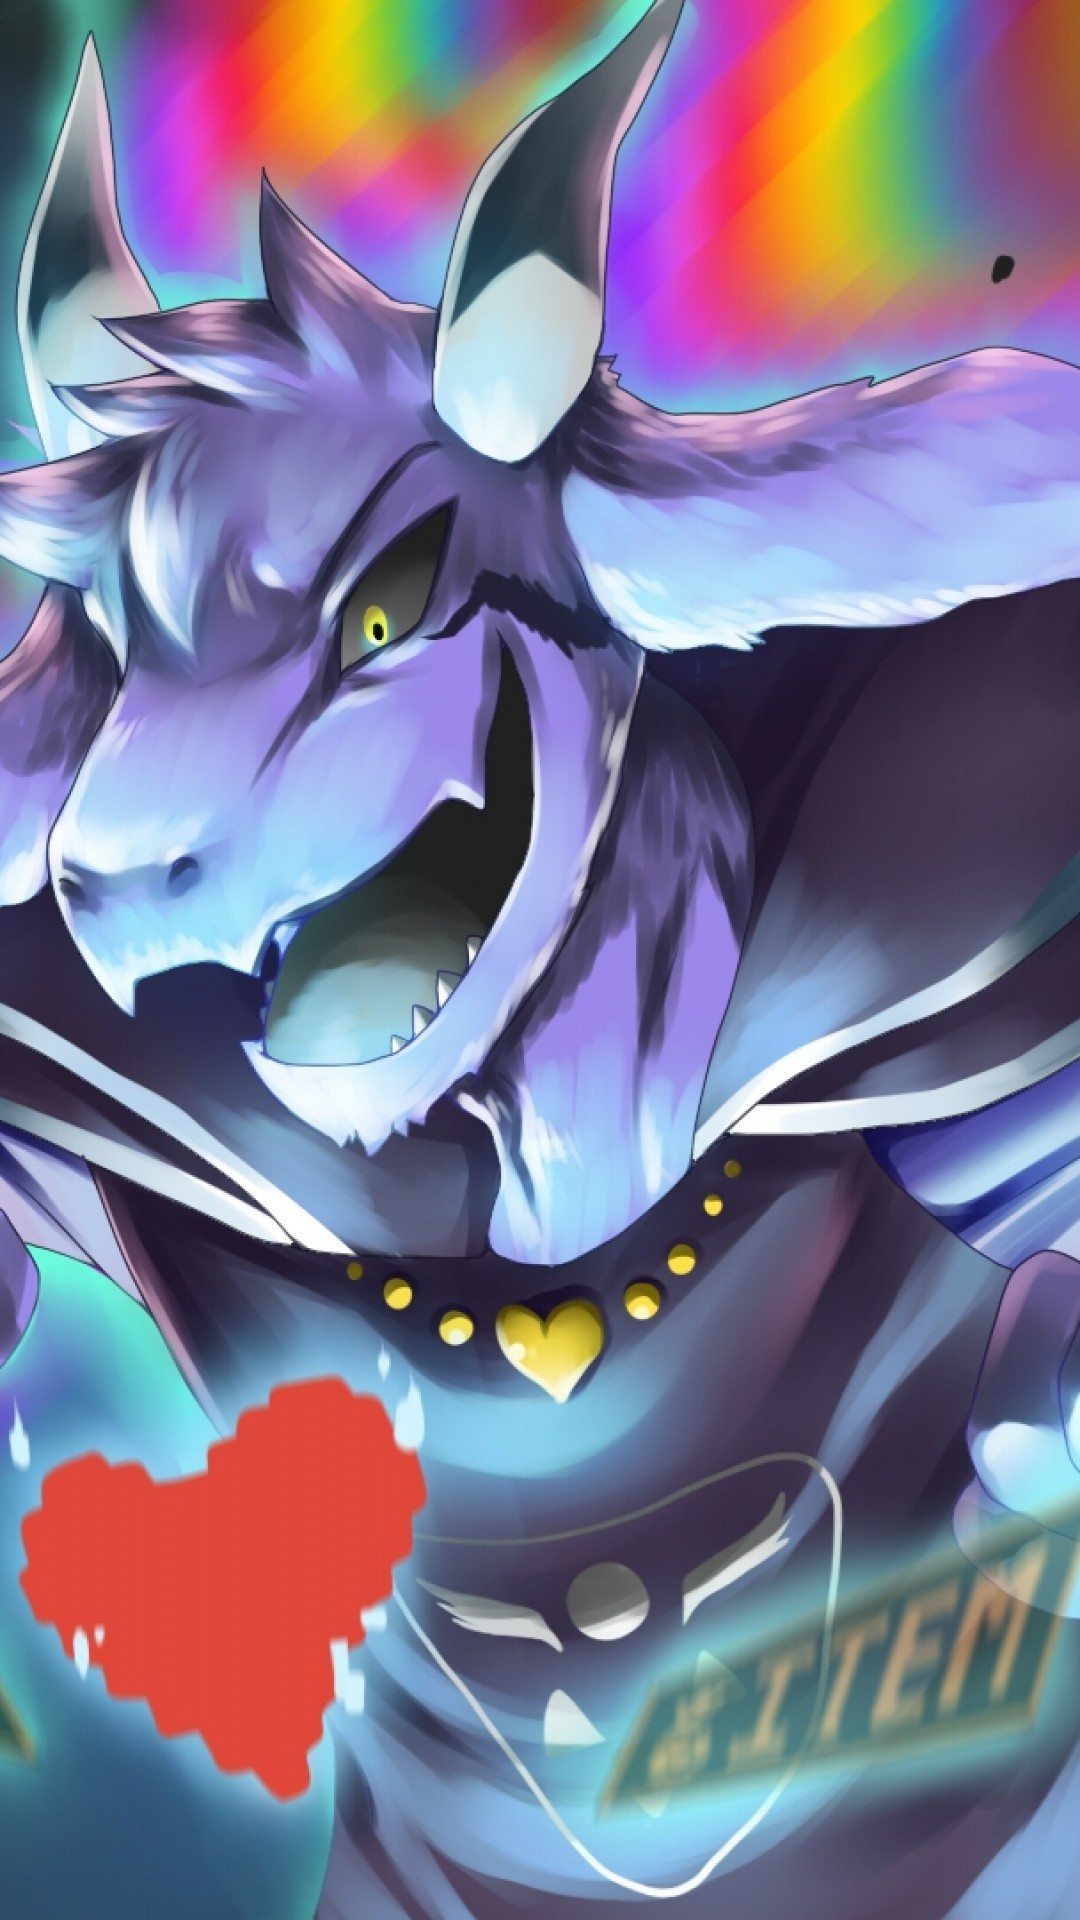 Undertale, Asriel Dreemurr, Heart, Monster